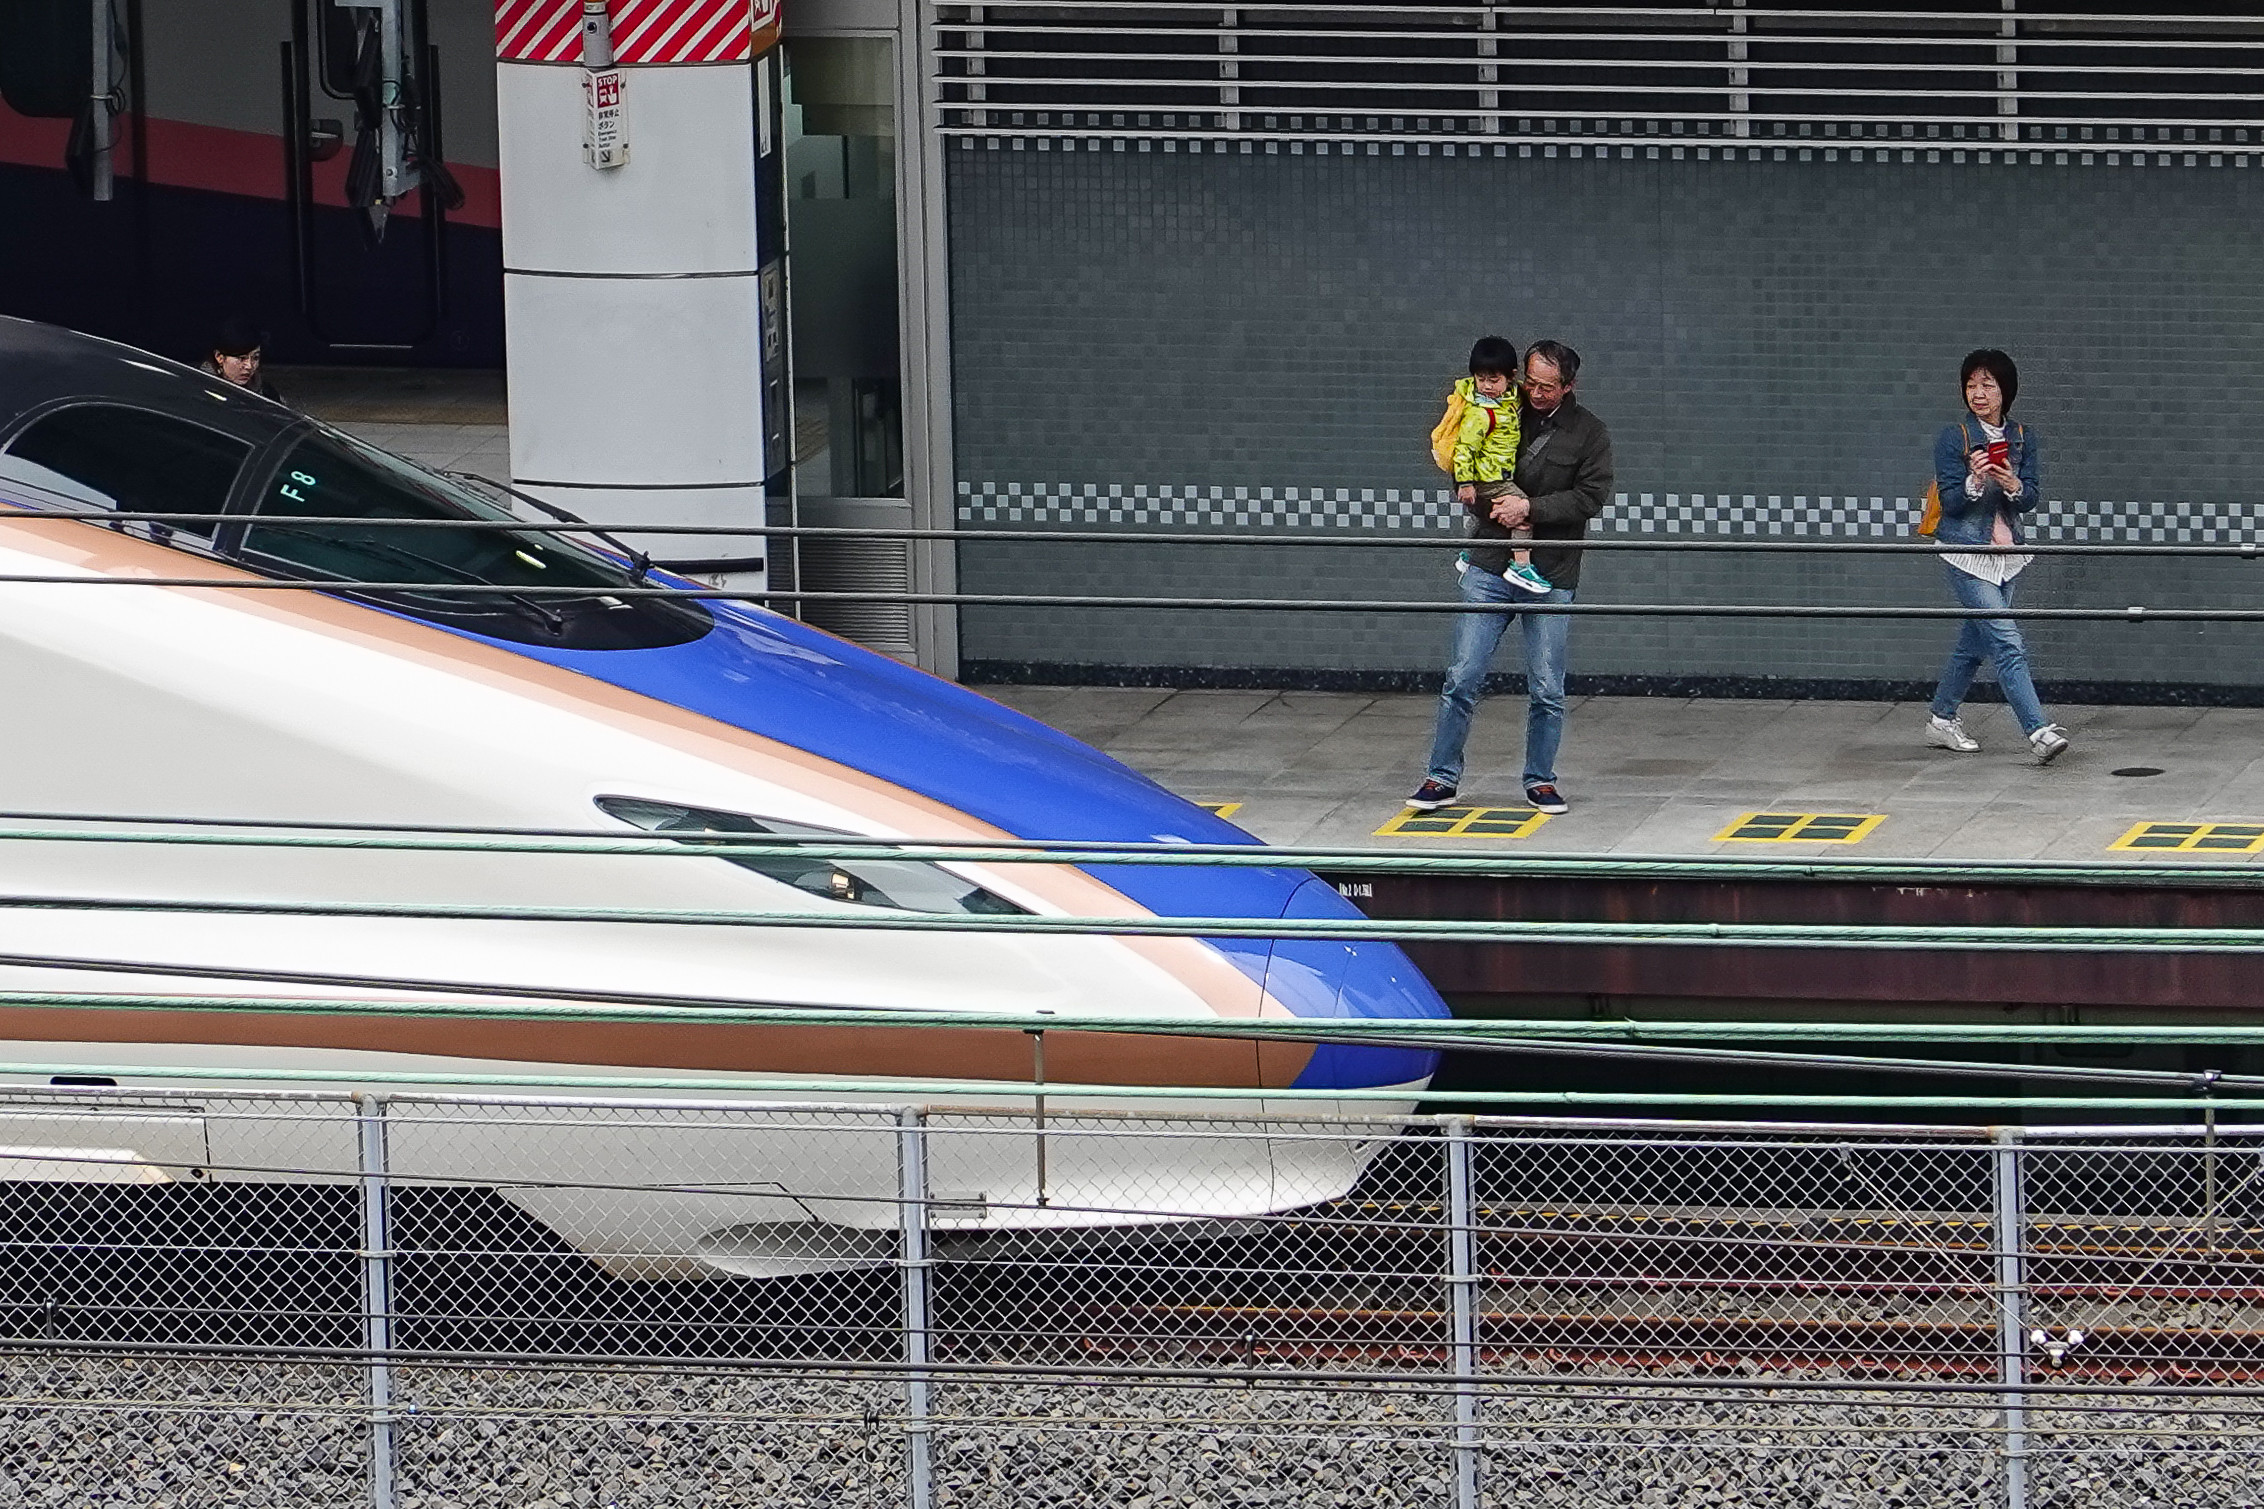 ▲▼日本,新幹線,高速鐵路,E7系列車,JR,大眾運輸,旅遊,觀光,交通,高鐵。(圖/記者李毓康攝)